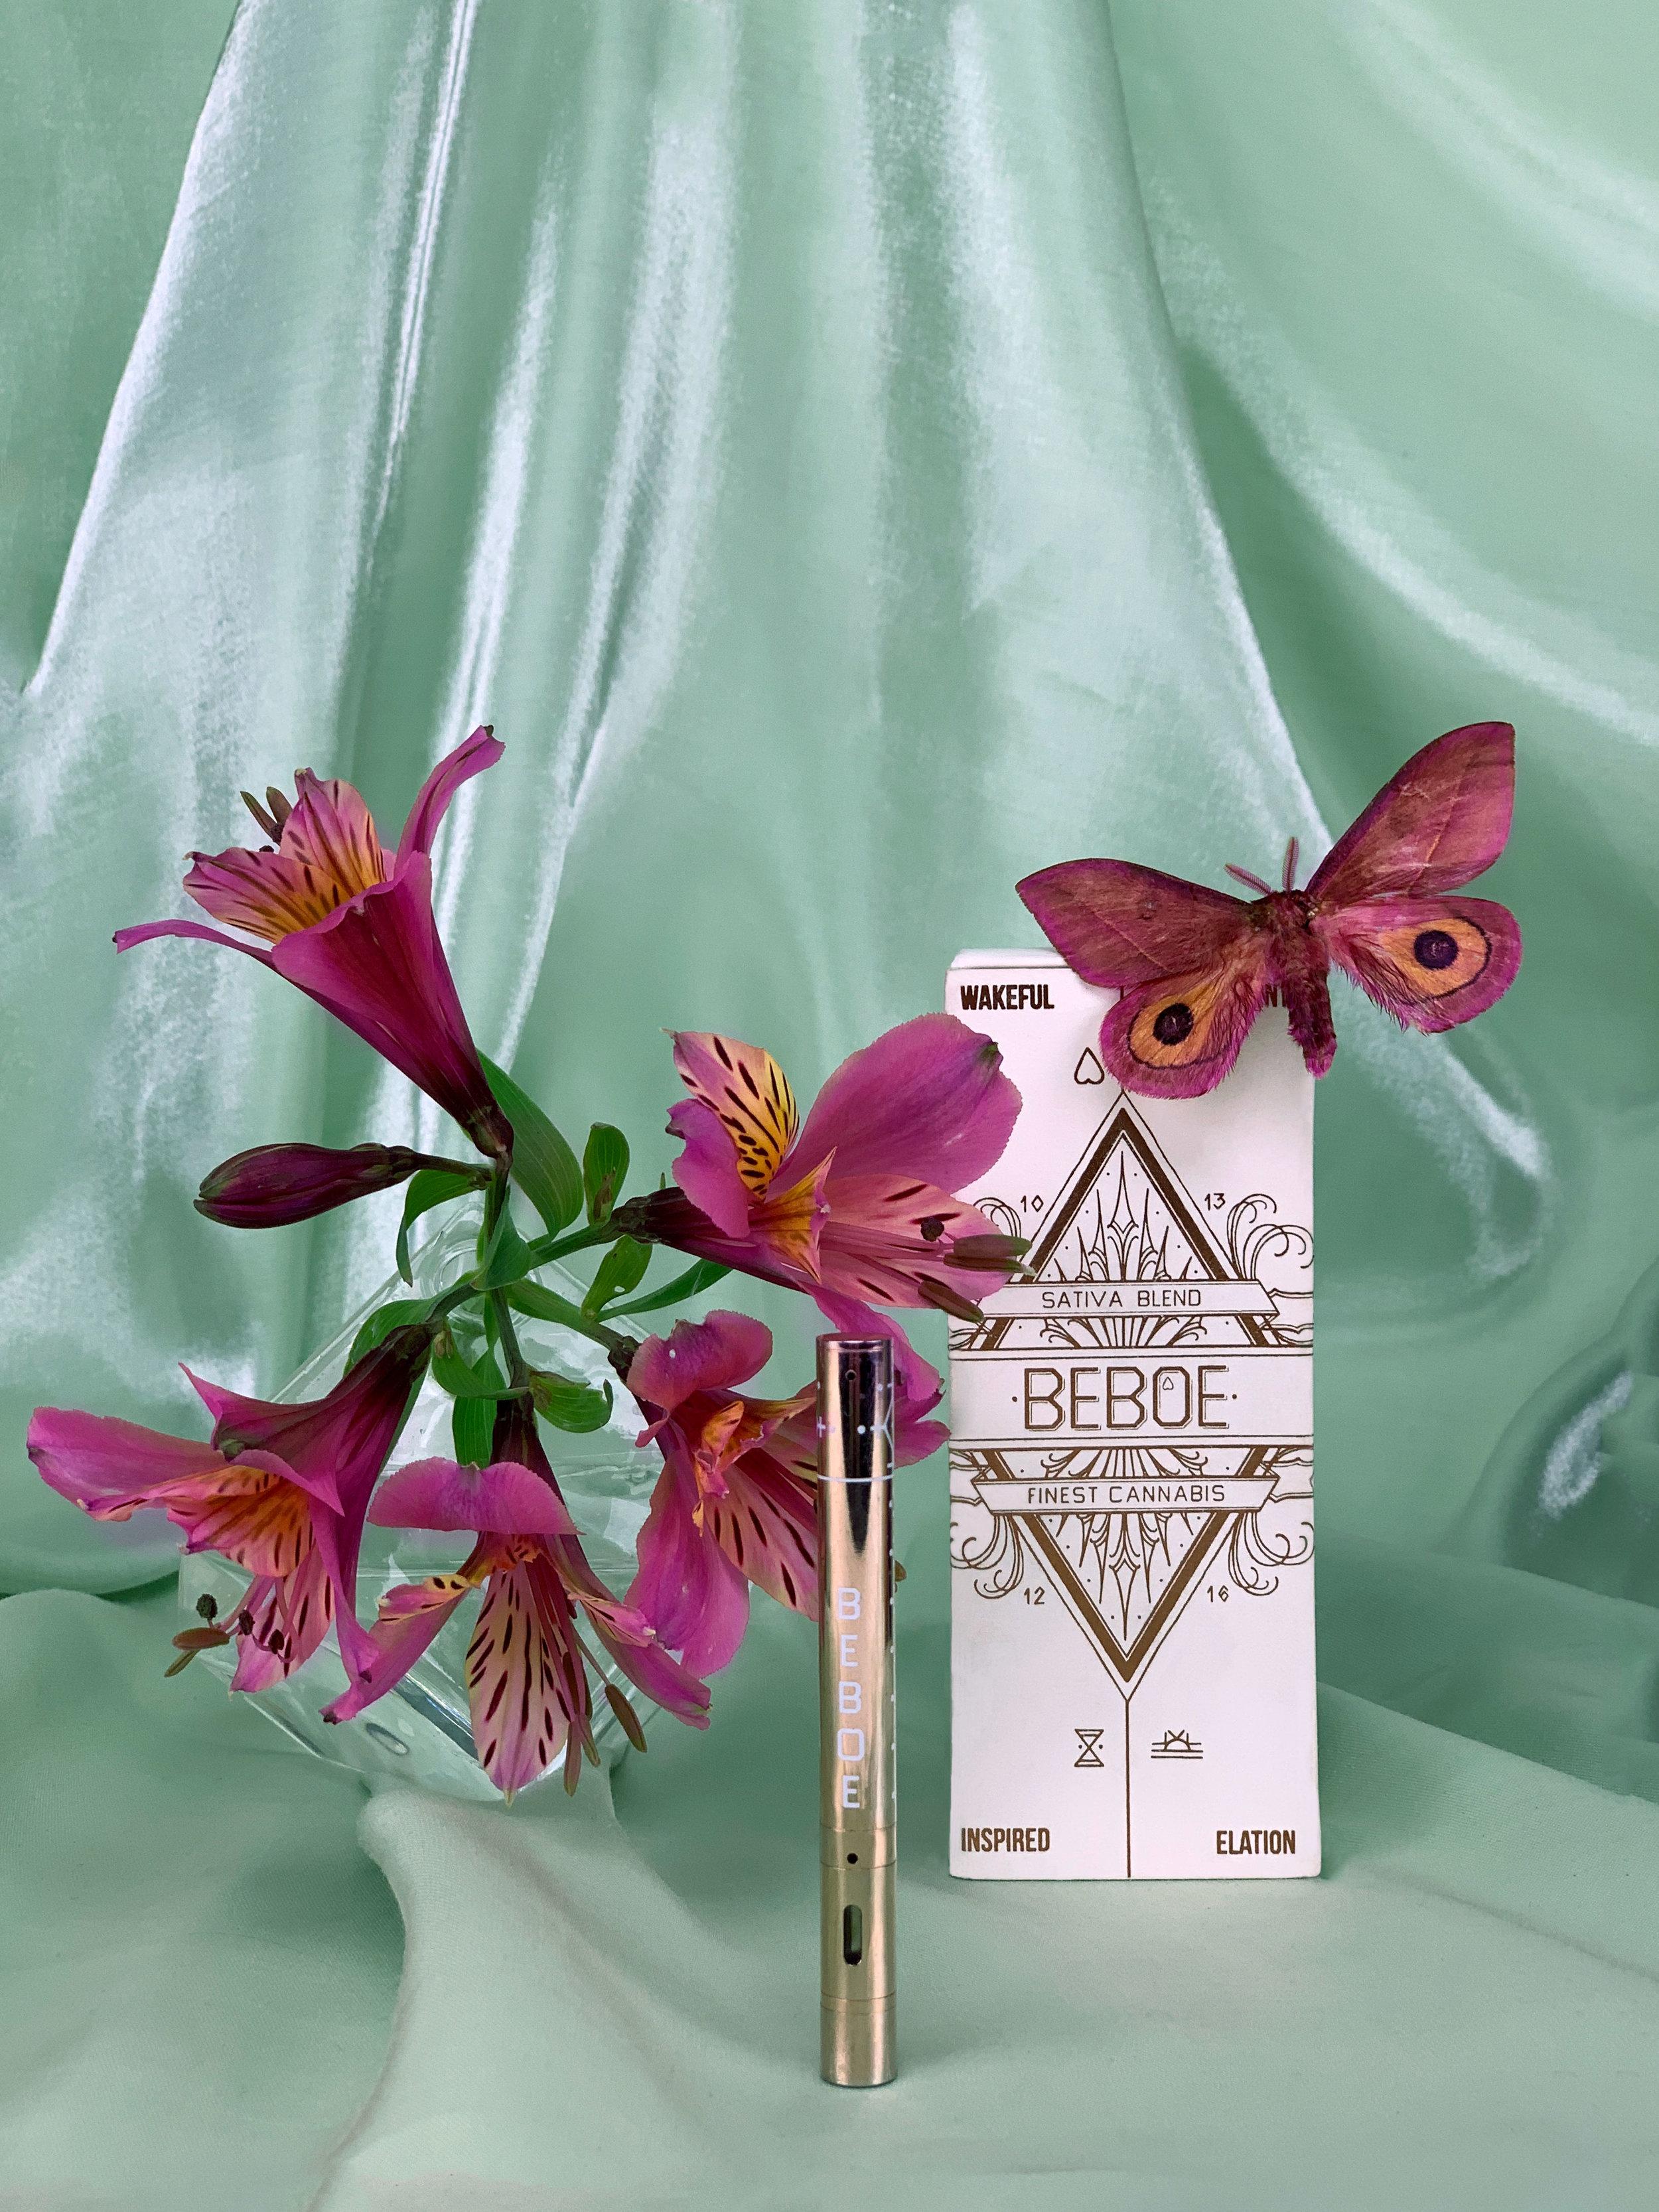 Beboe's rose gold, 'Inspired' vape pen offers a THC-heavy Sativa blend.